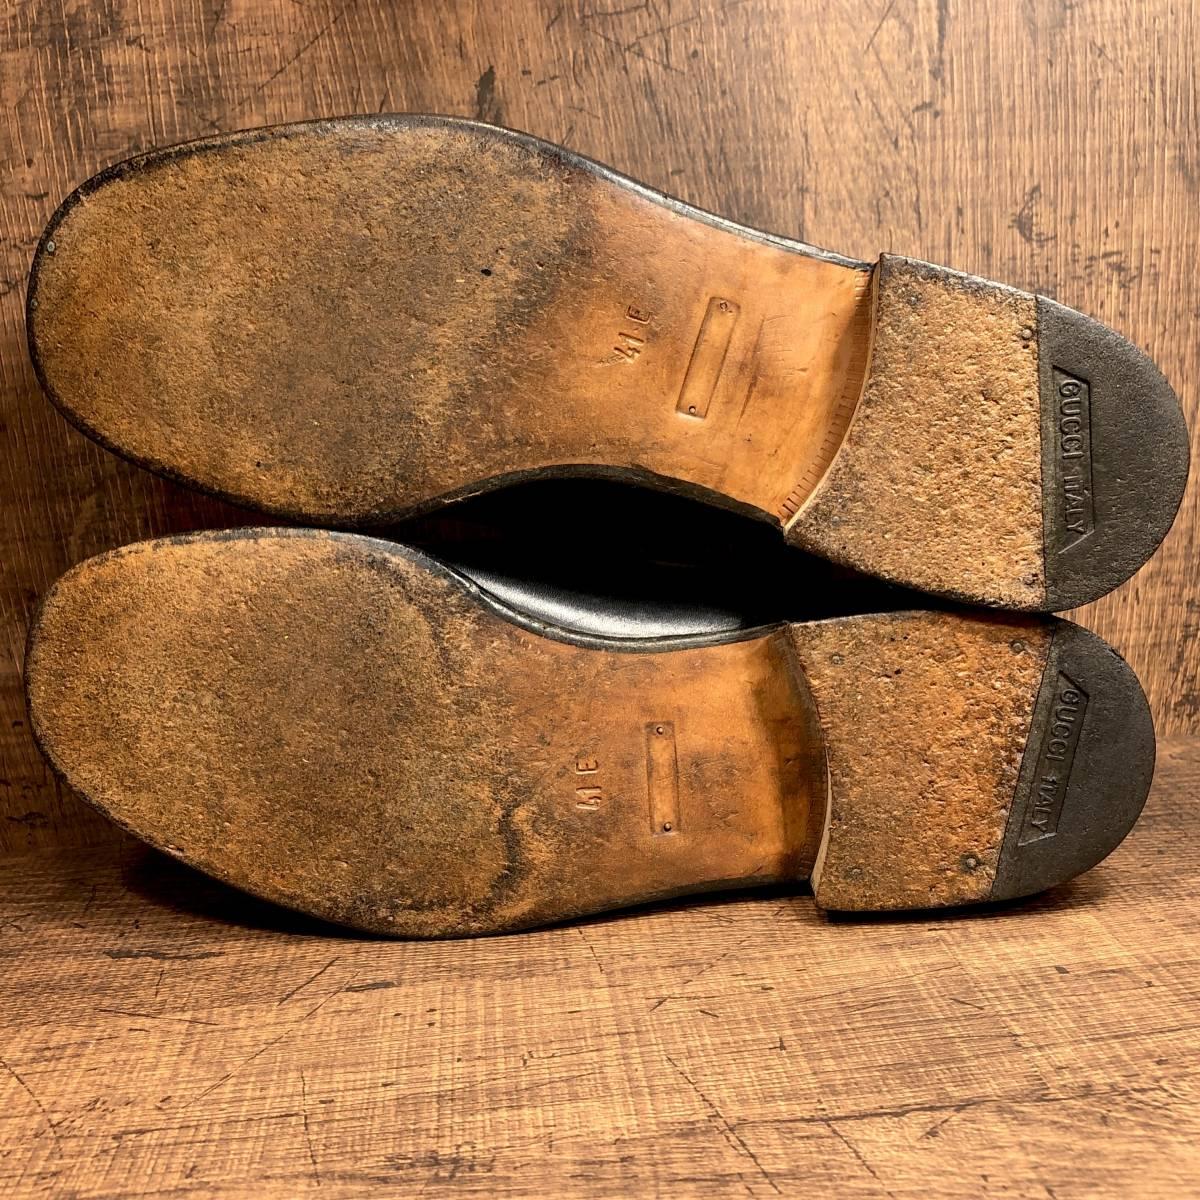 ■GUCCI■ 26cm 黒 ブラック グッチ ビットローファー メンズ 革靴 靴 本革 ビジネス ドレス くつ 即決_画像3